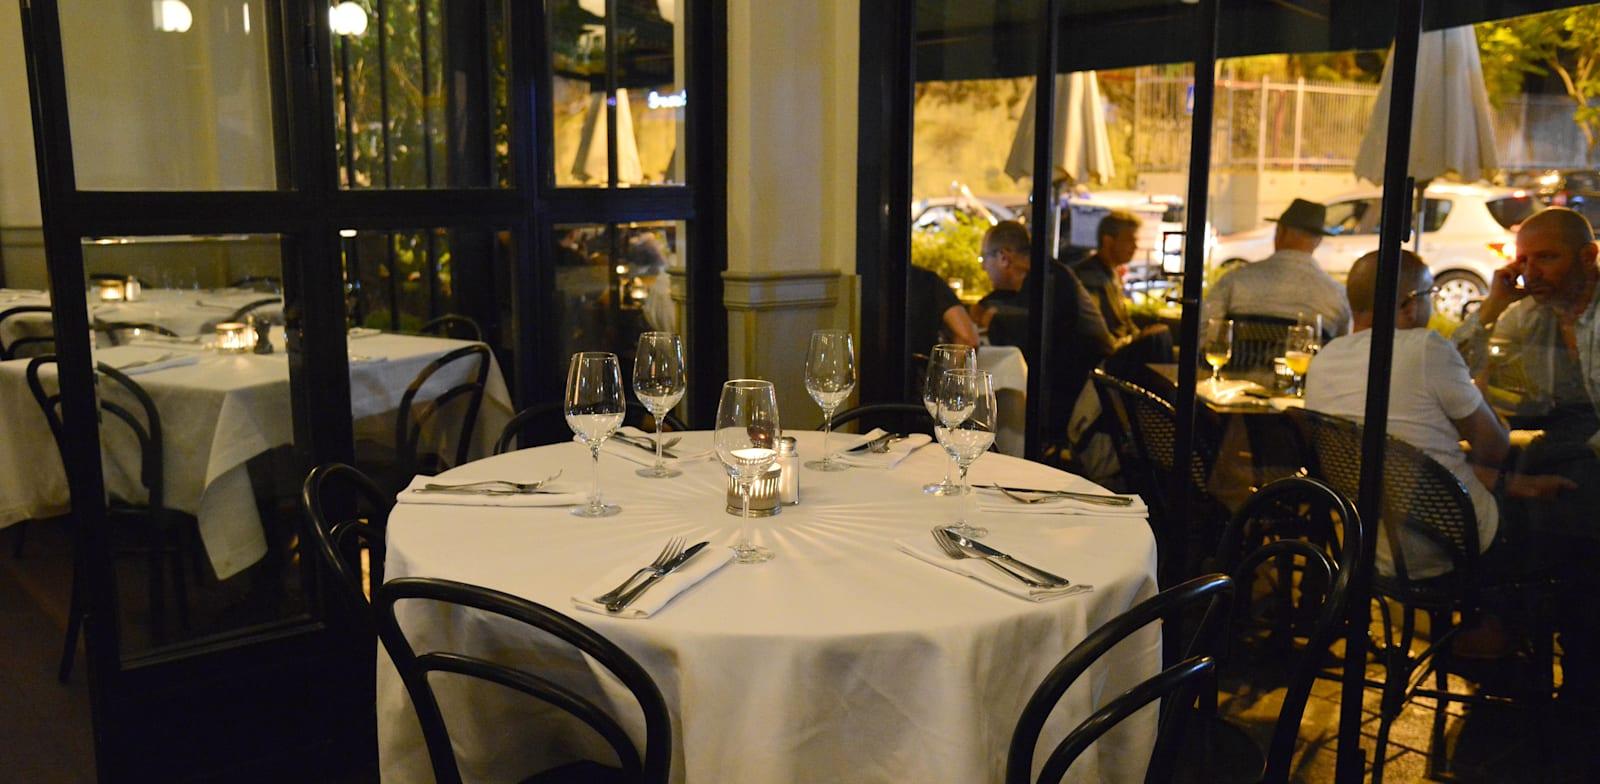 מסעדת קופי בר. שוק המסעדות מאבד הכנסות / צילום: תמר מצפי